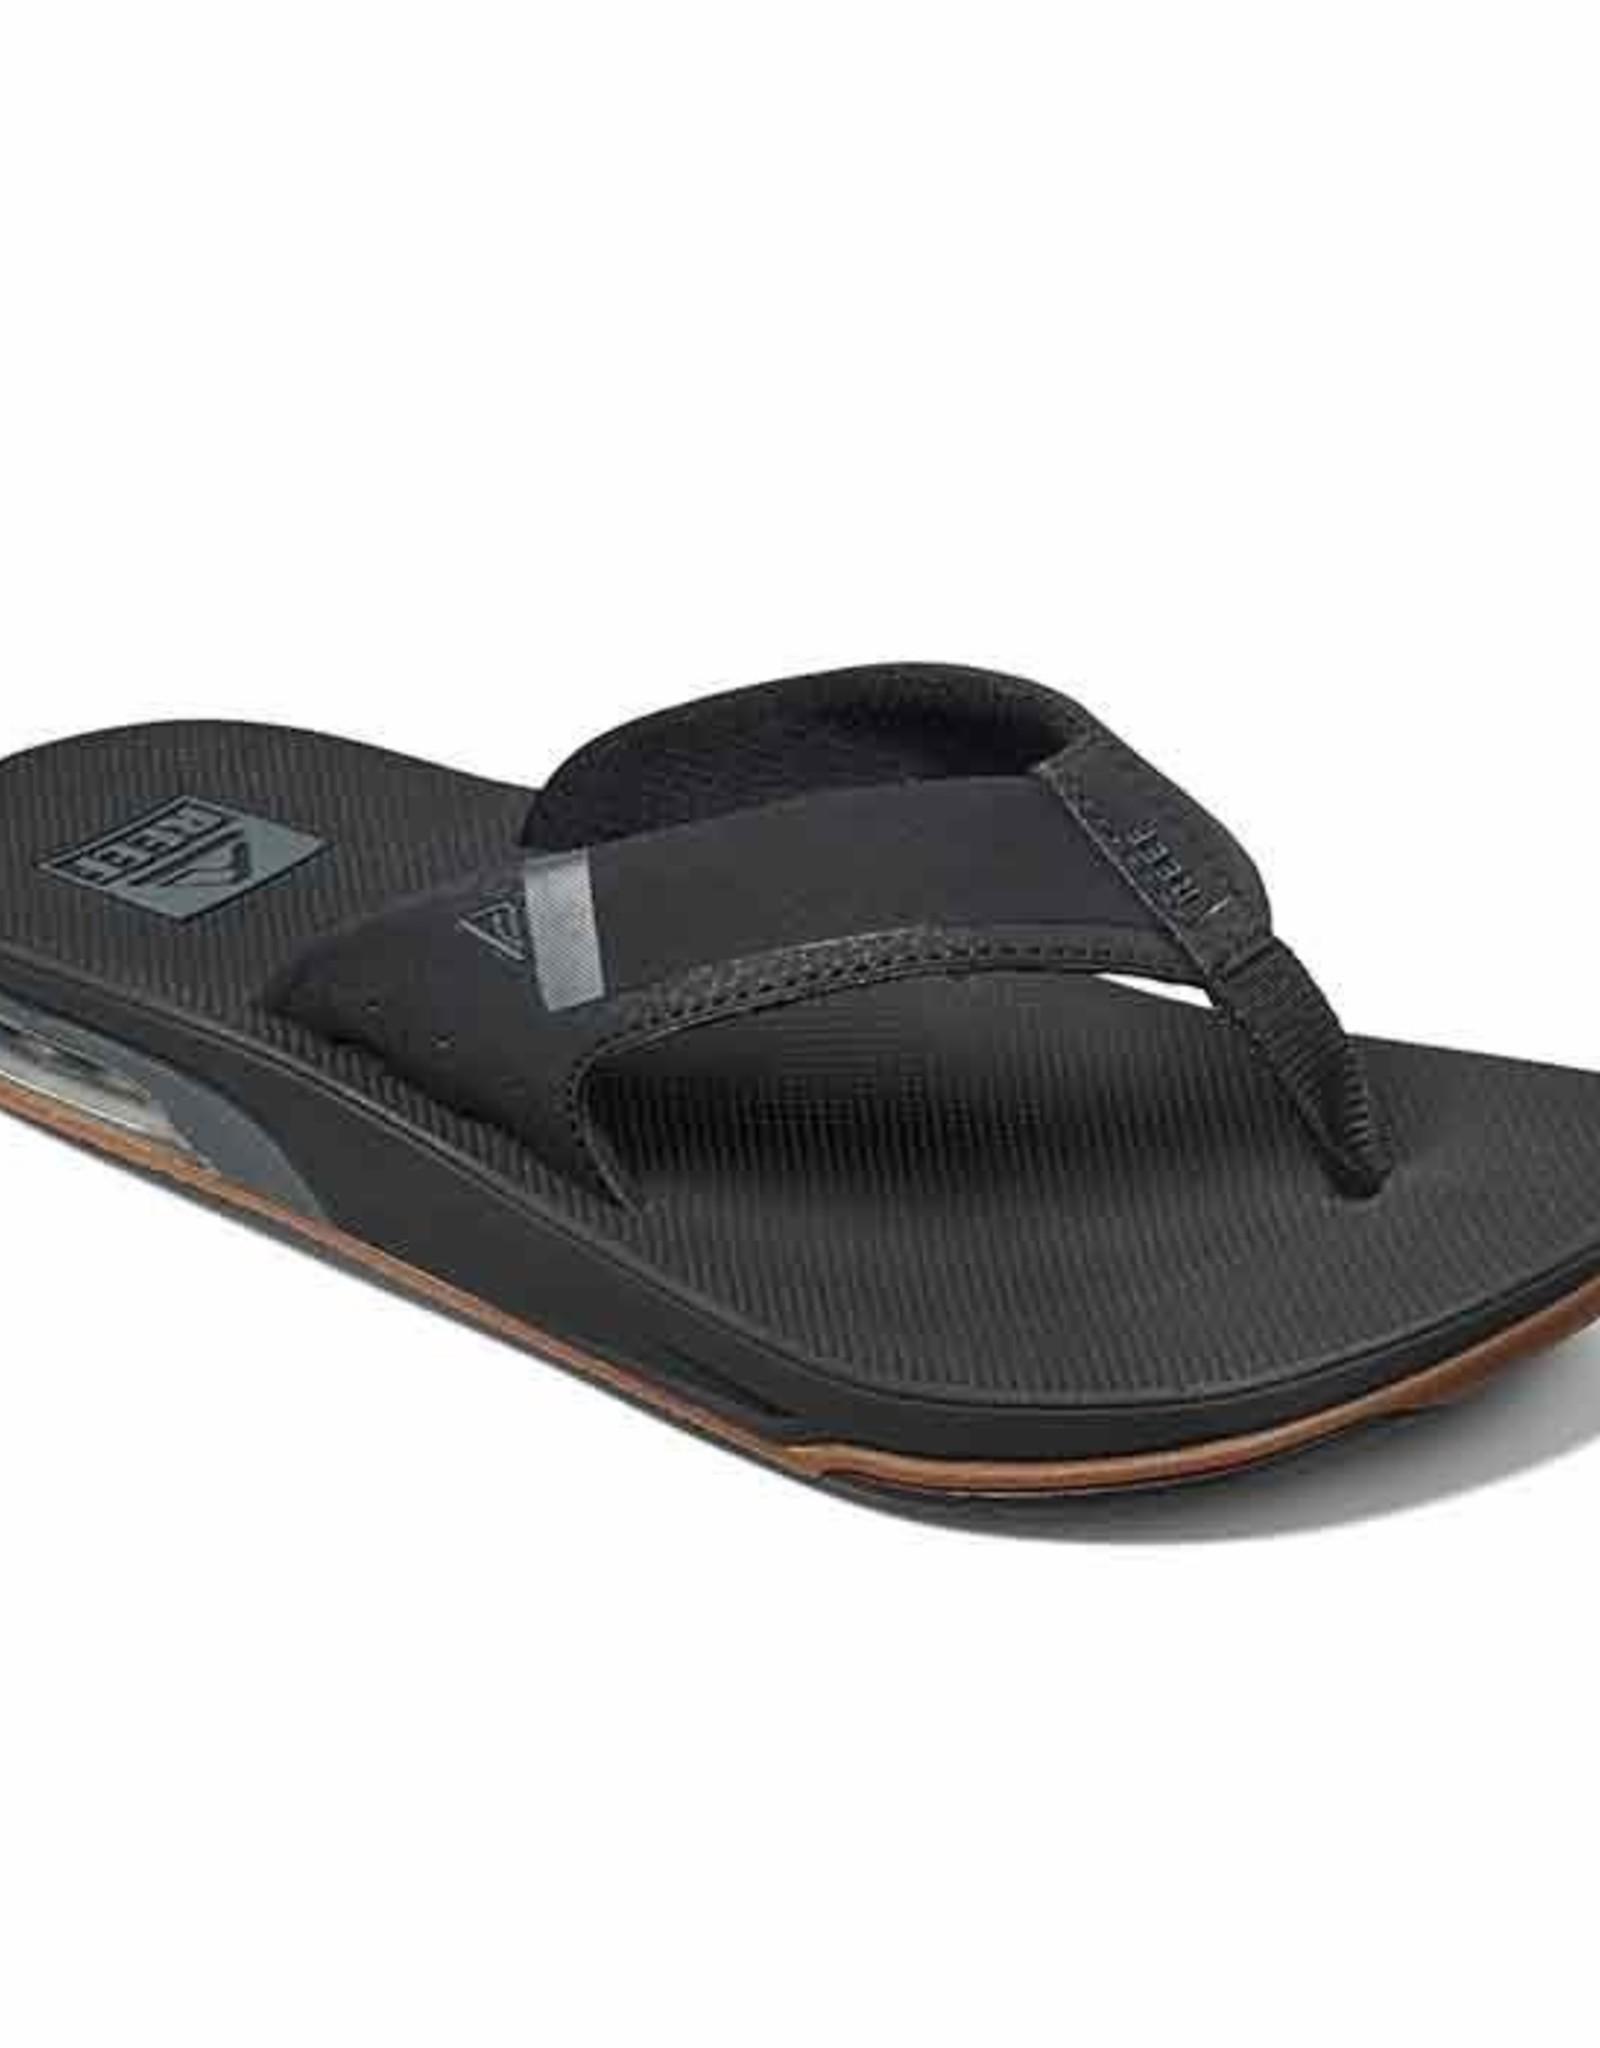 Reef REEF - Mens FANNING LOW Sandal - Blk -